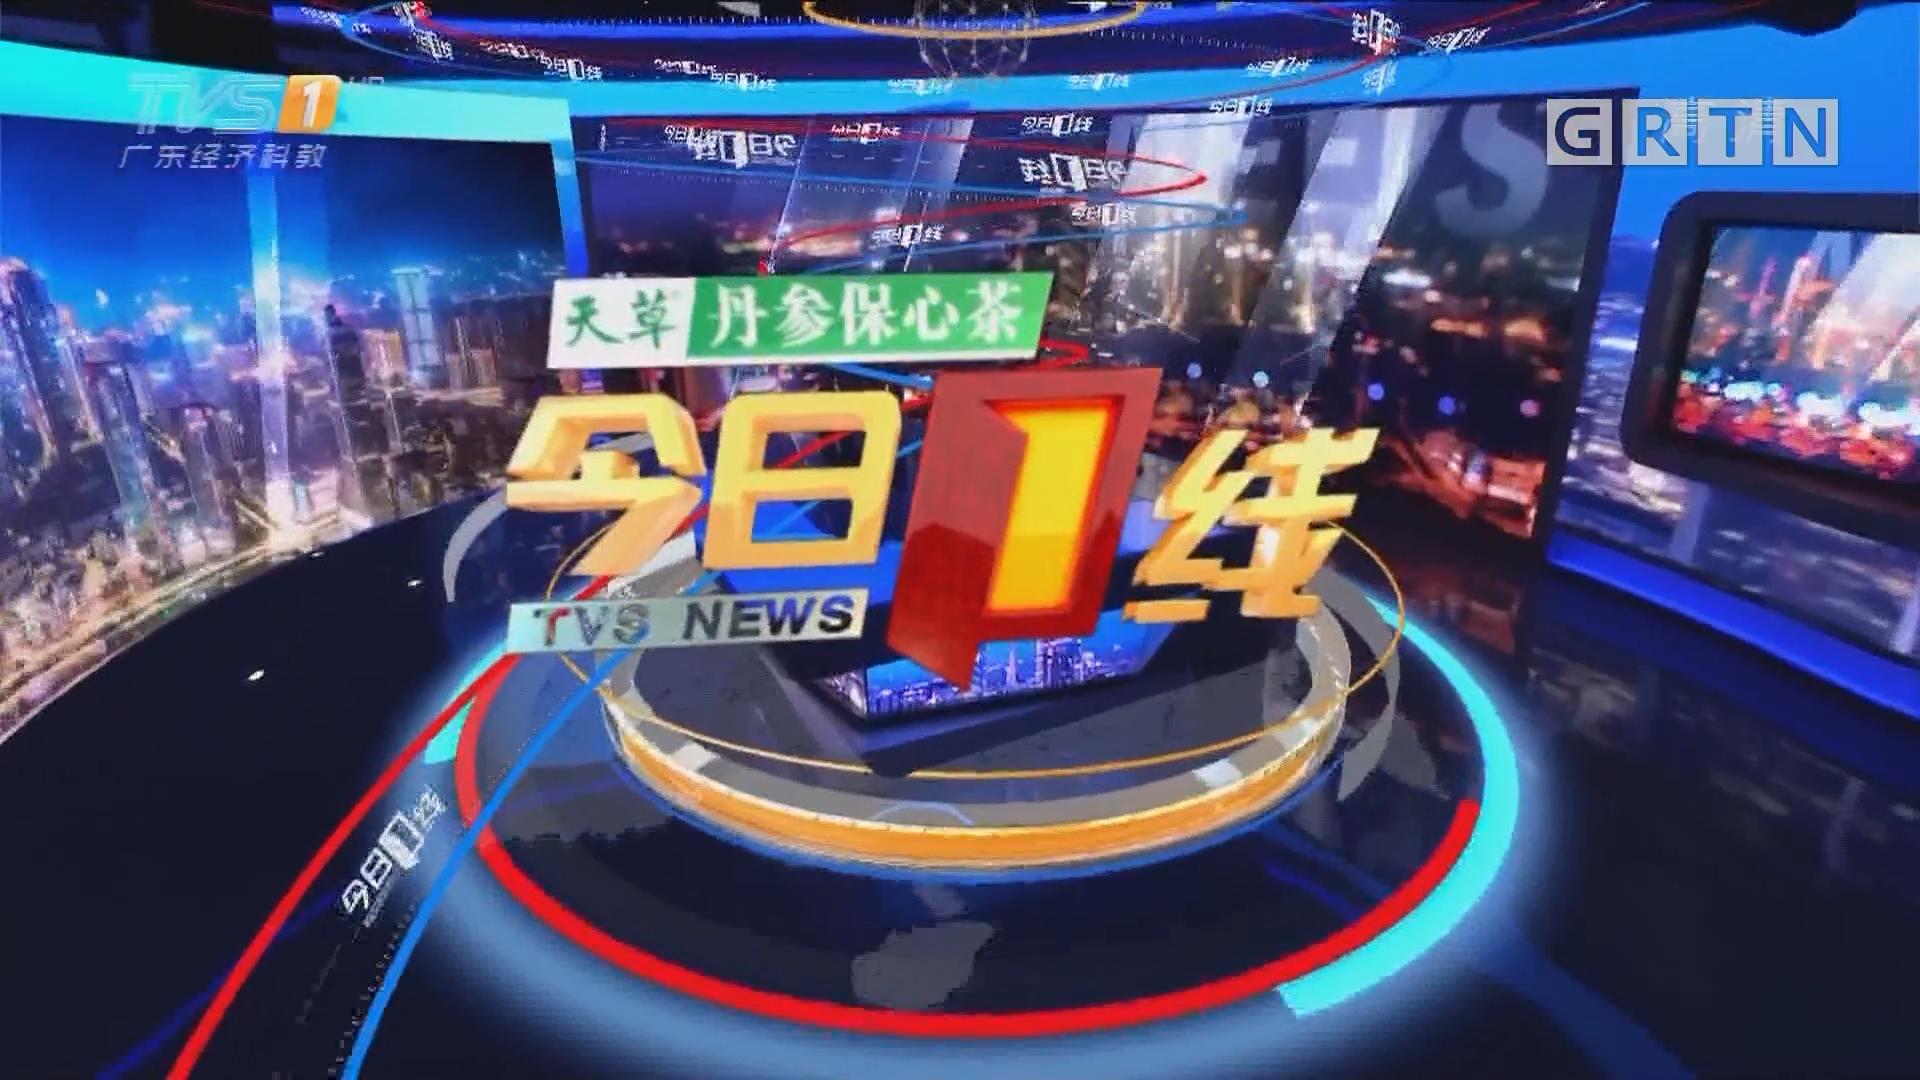 [HD][2018-11-20]今日一线:东莞大岭山:醉驾冲进店一人受伤 司机被刑拘